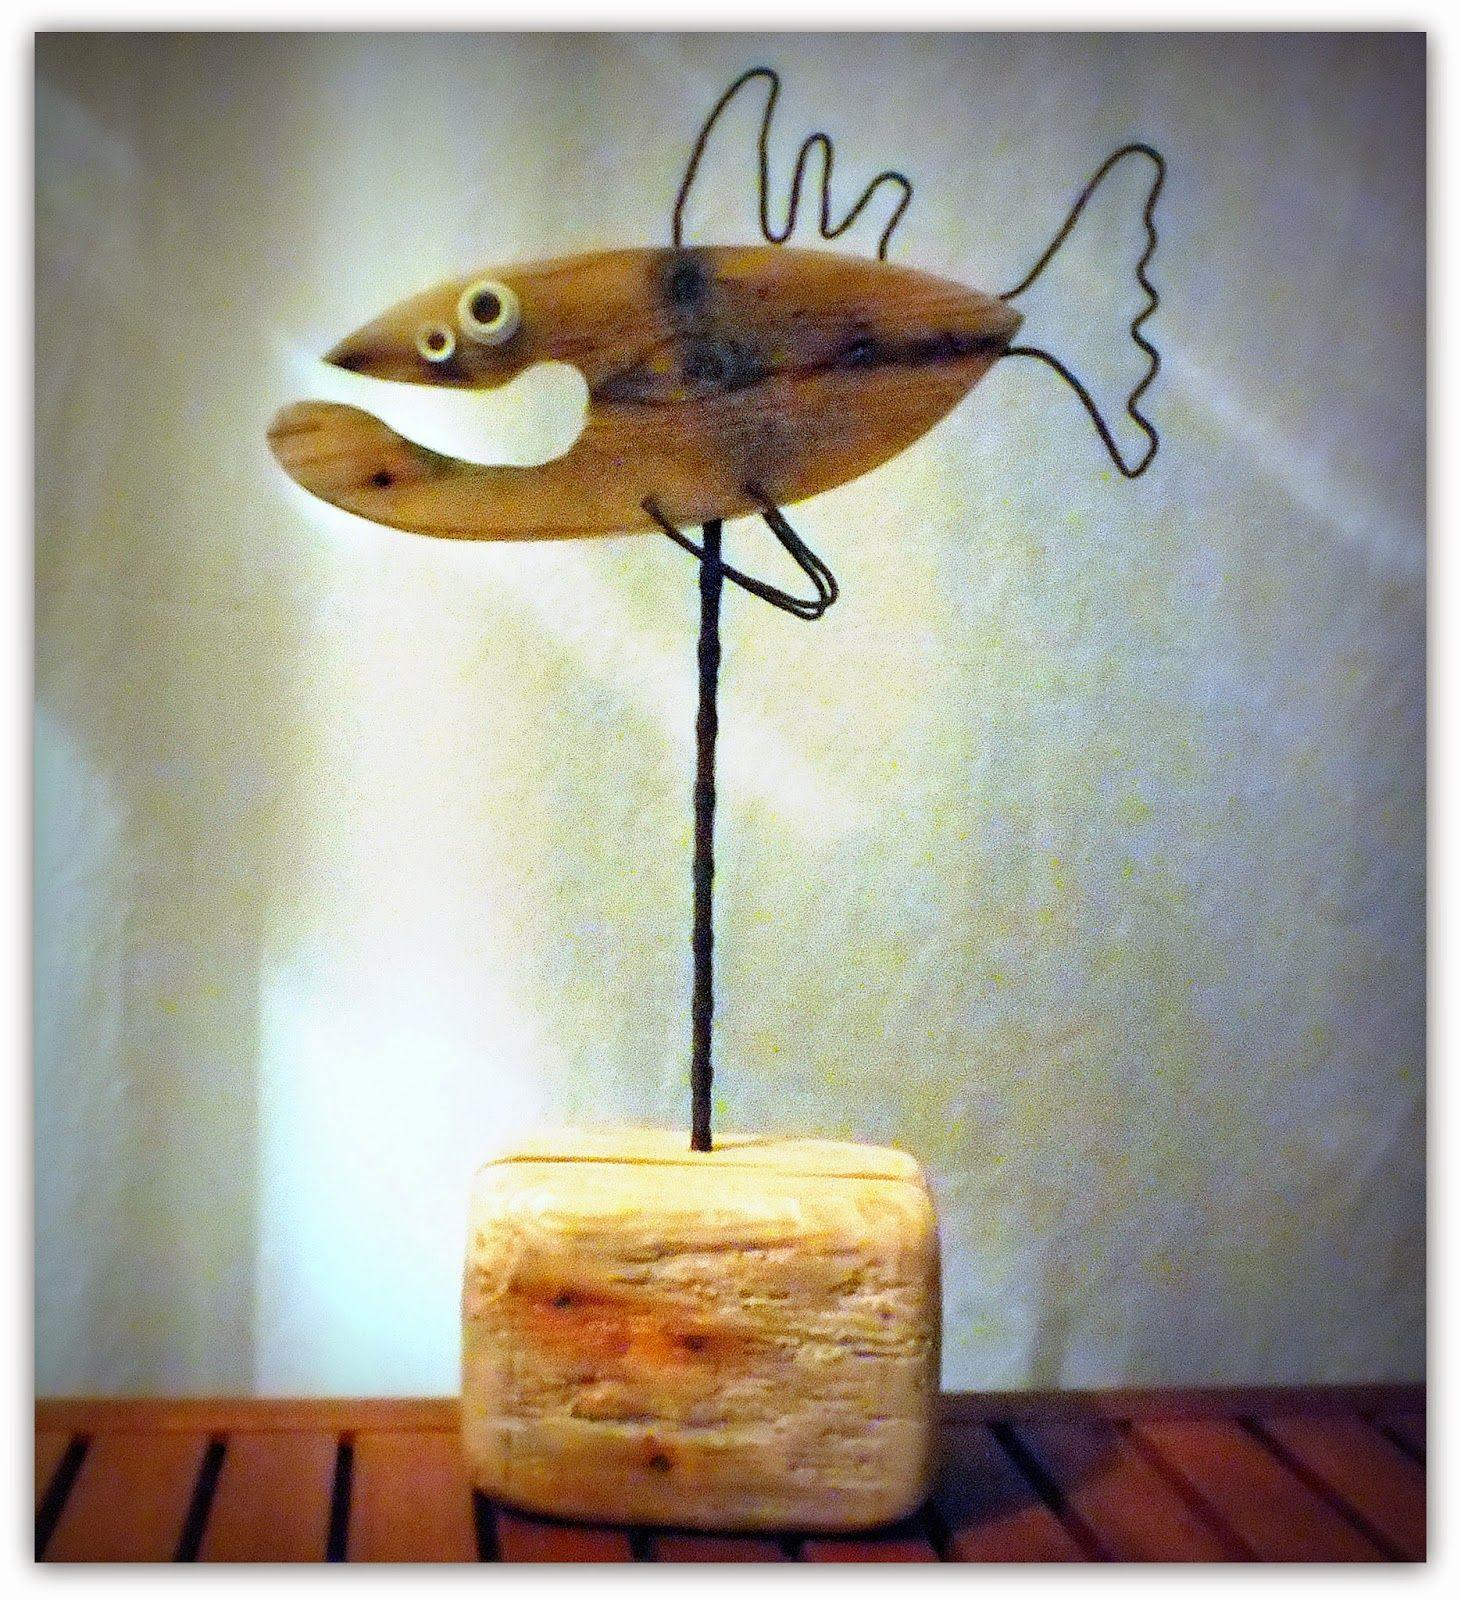 décoration bois flotté, poisson bois flotté | Galhos, Gravetos ...